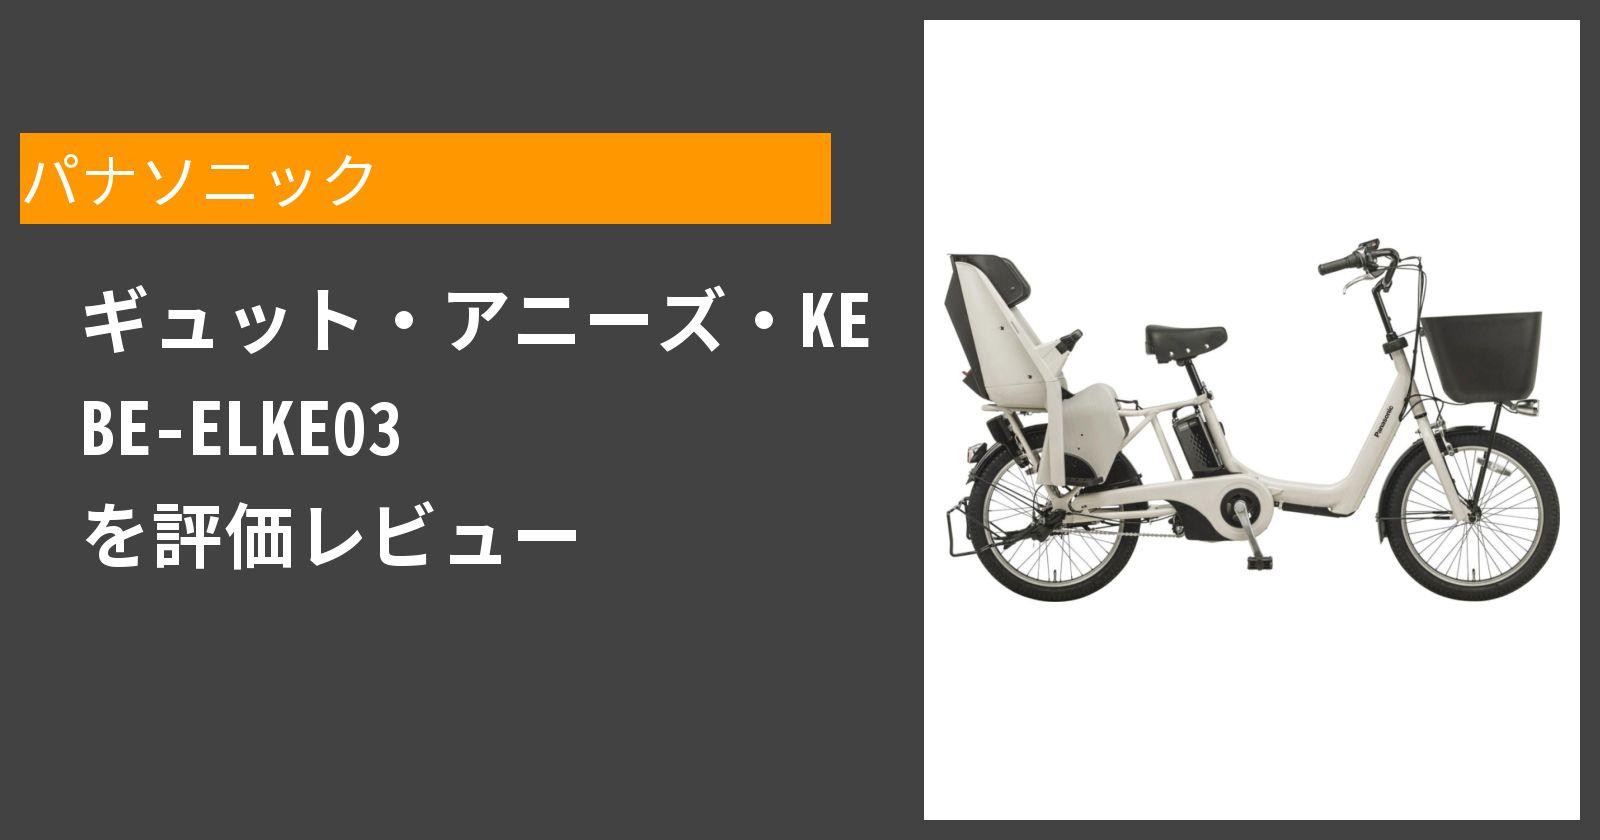 ギュット・アニーズ・KE BE-ELKE03を徹底評価